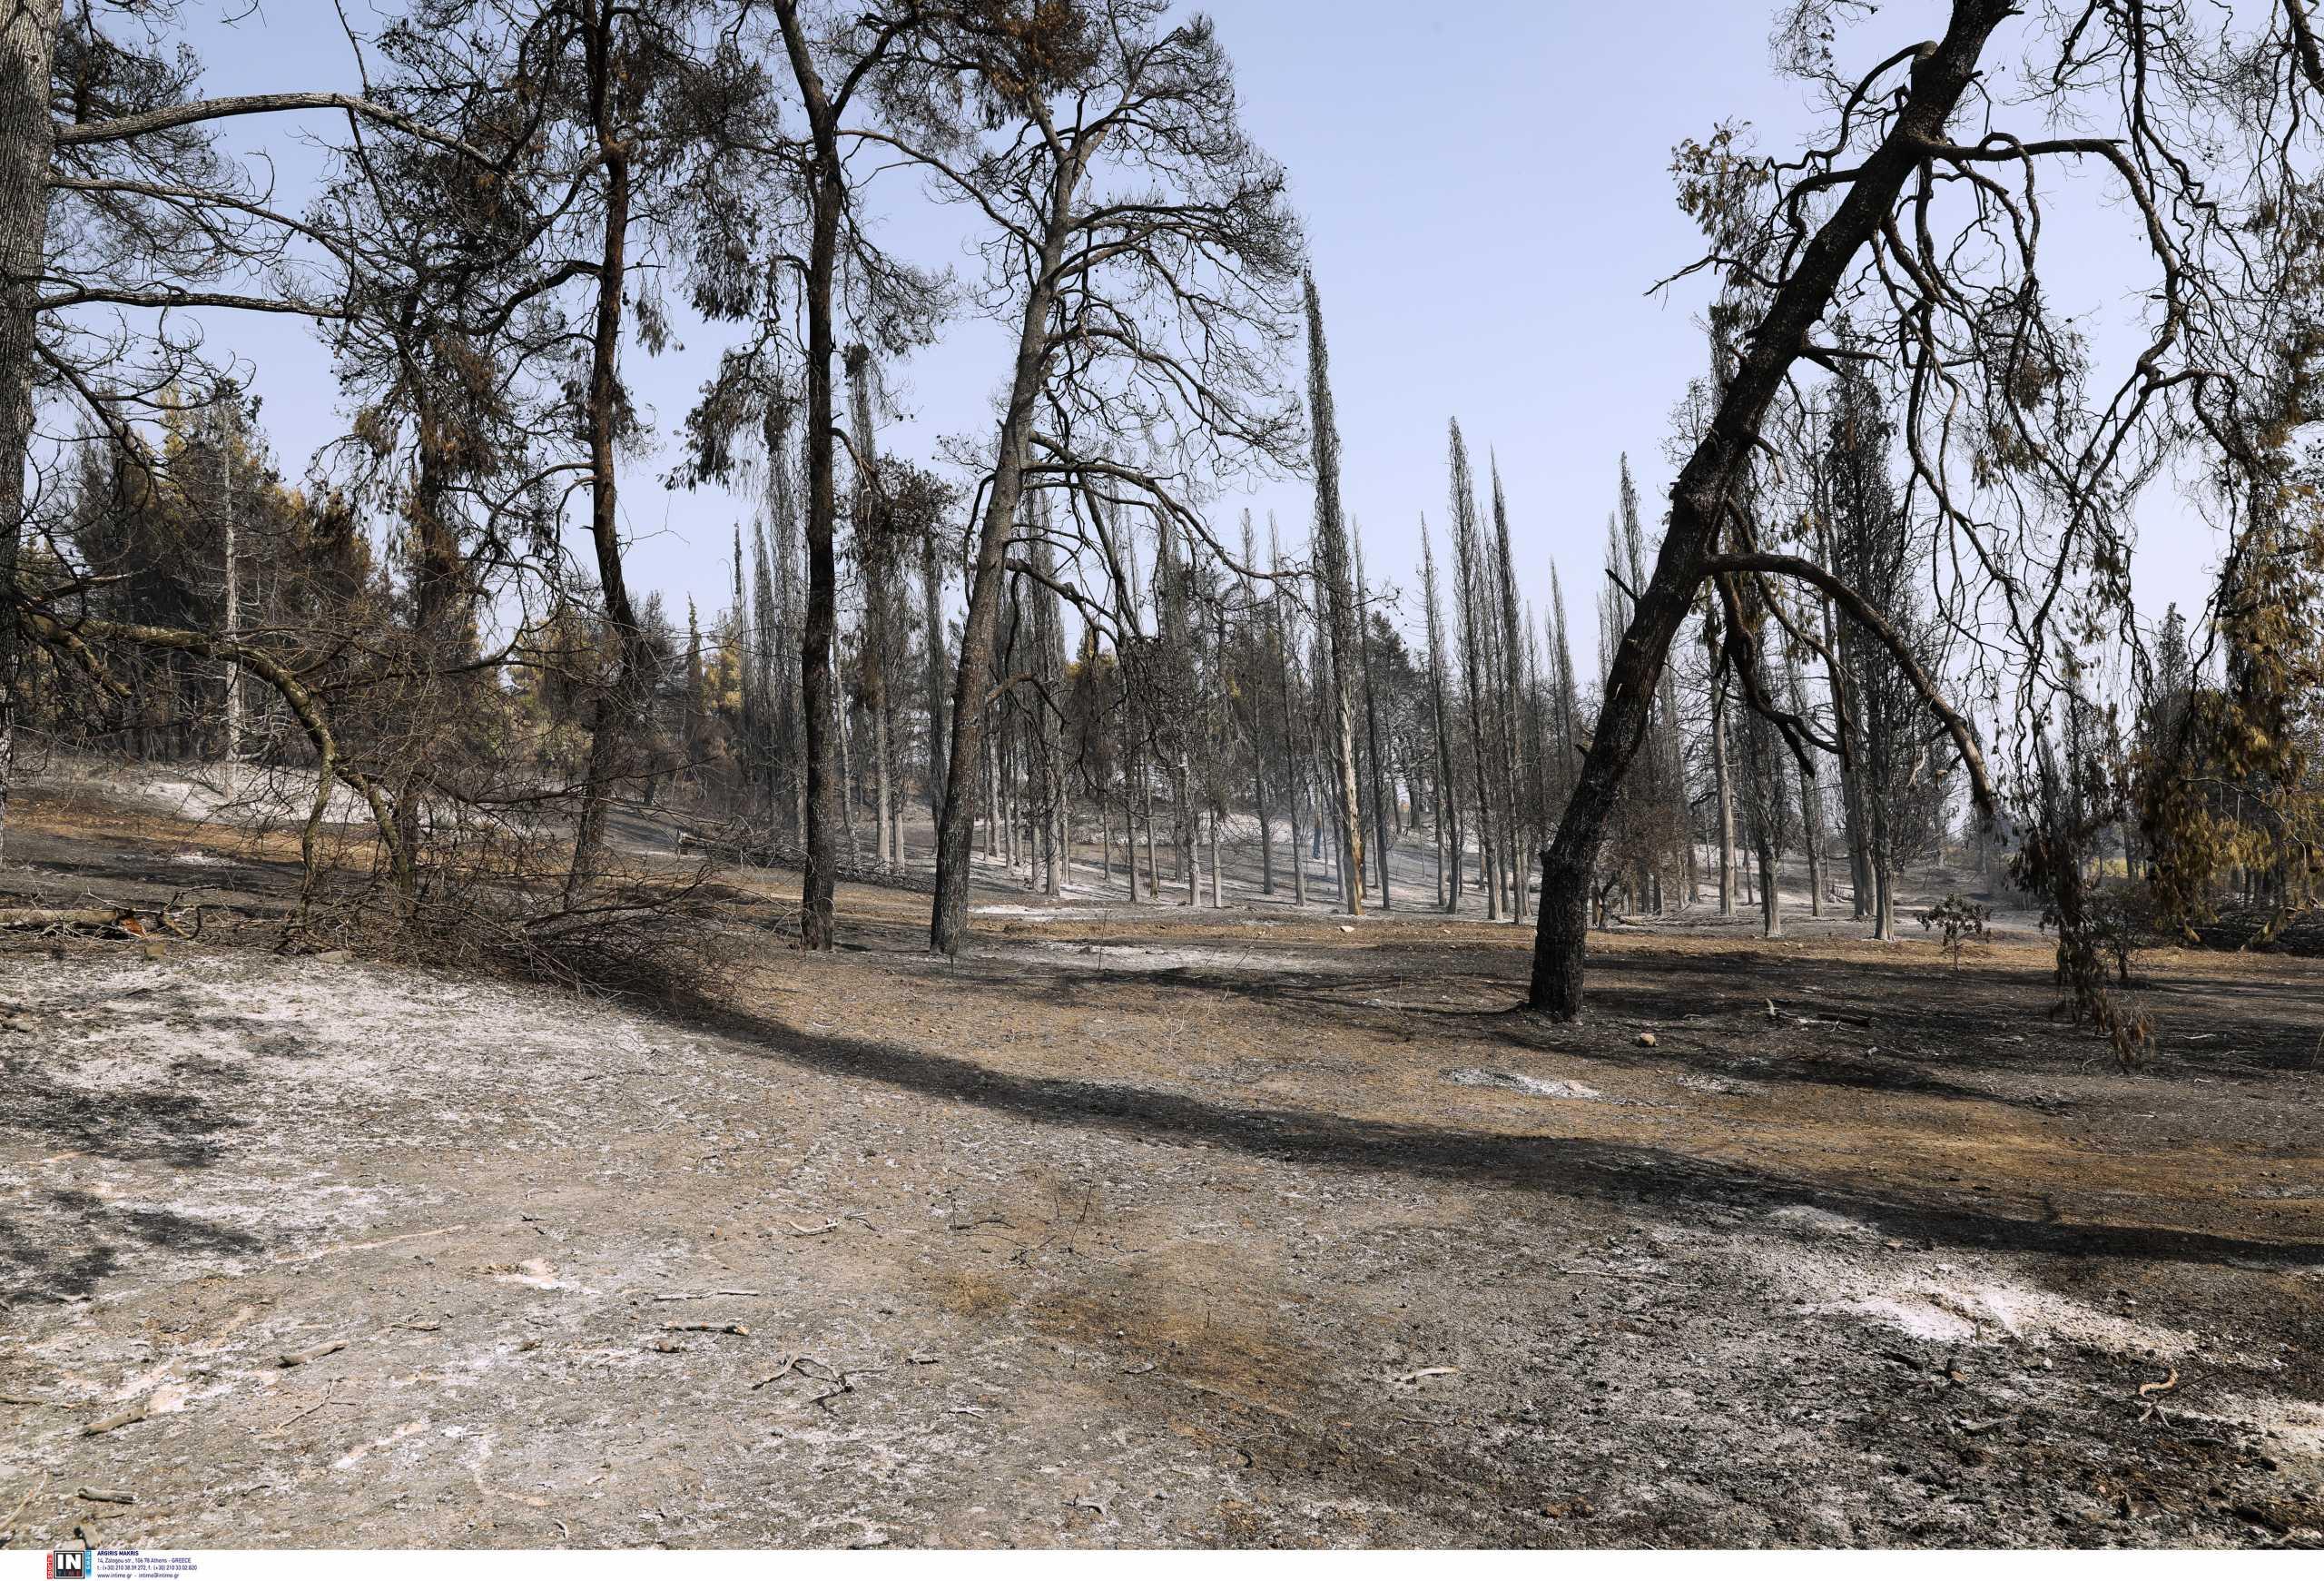 Φωτιά στην Εύβοια: Καίει ανεξέλεγκτα σε τέσσερα μέτωπα